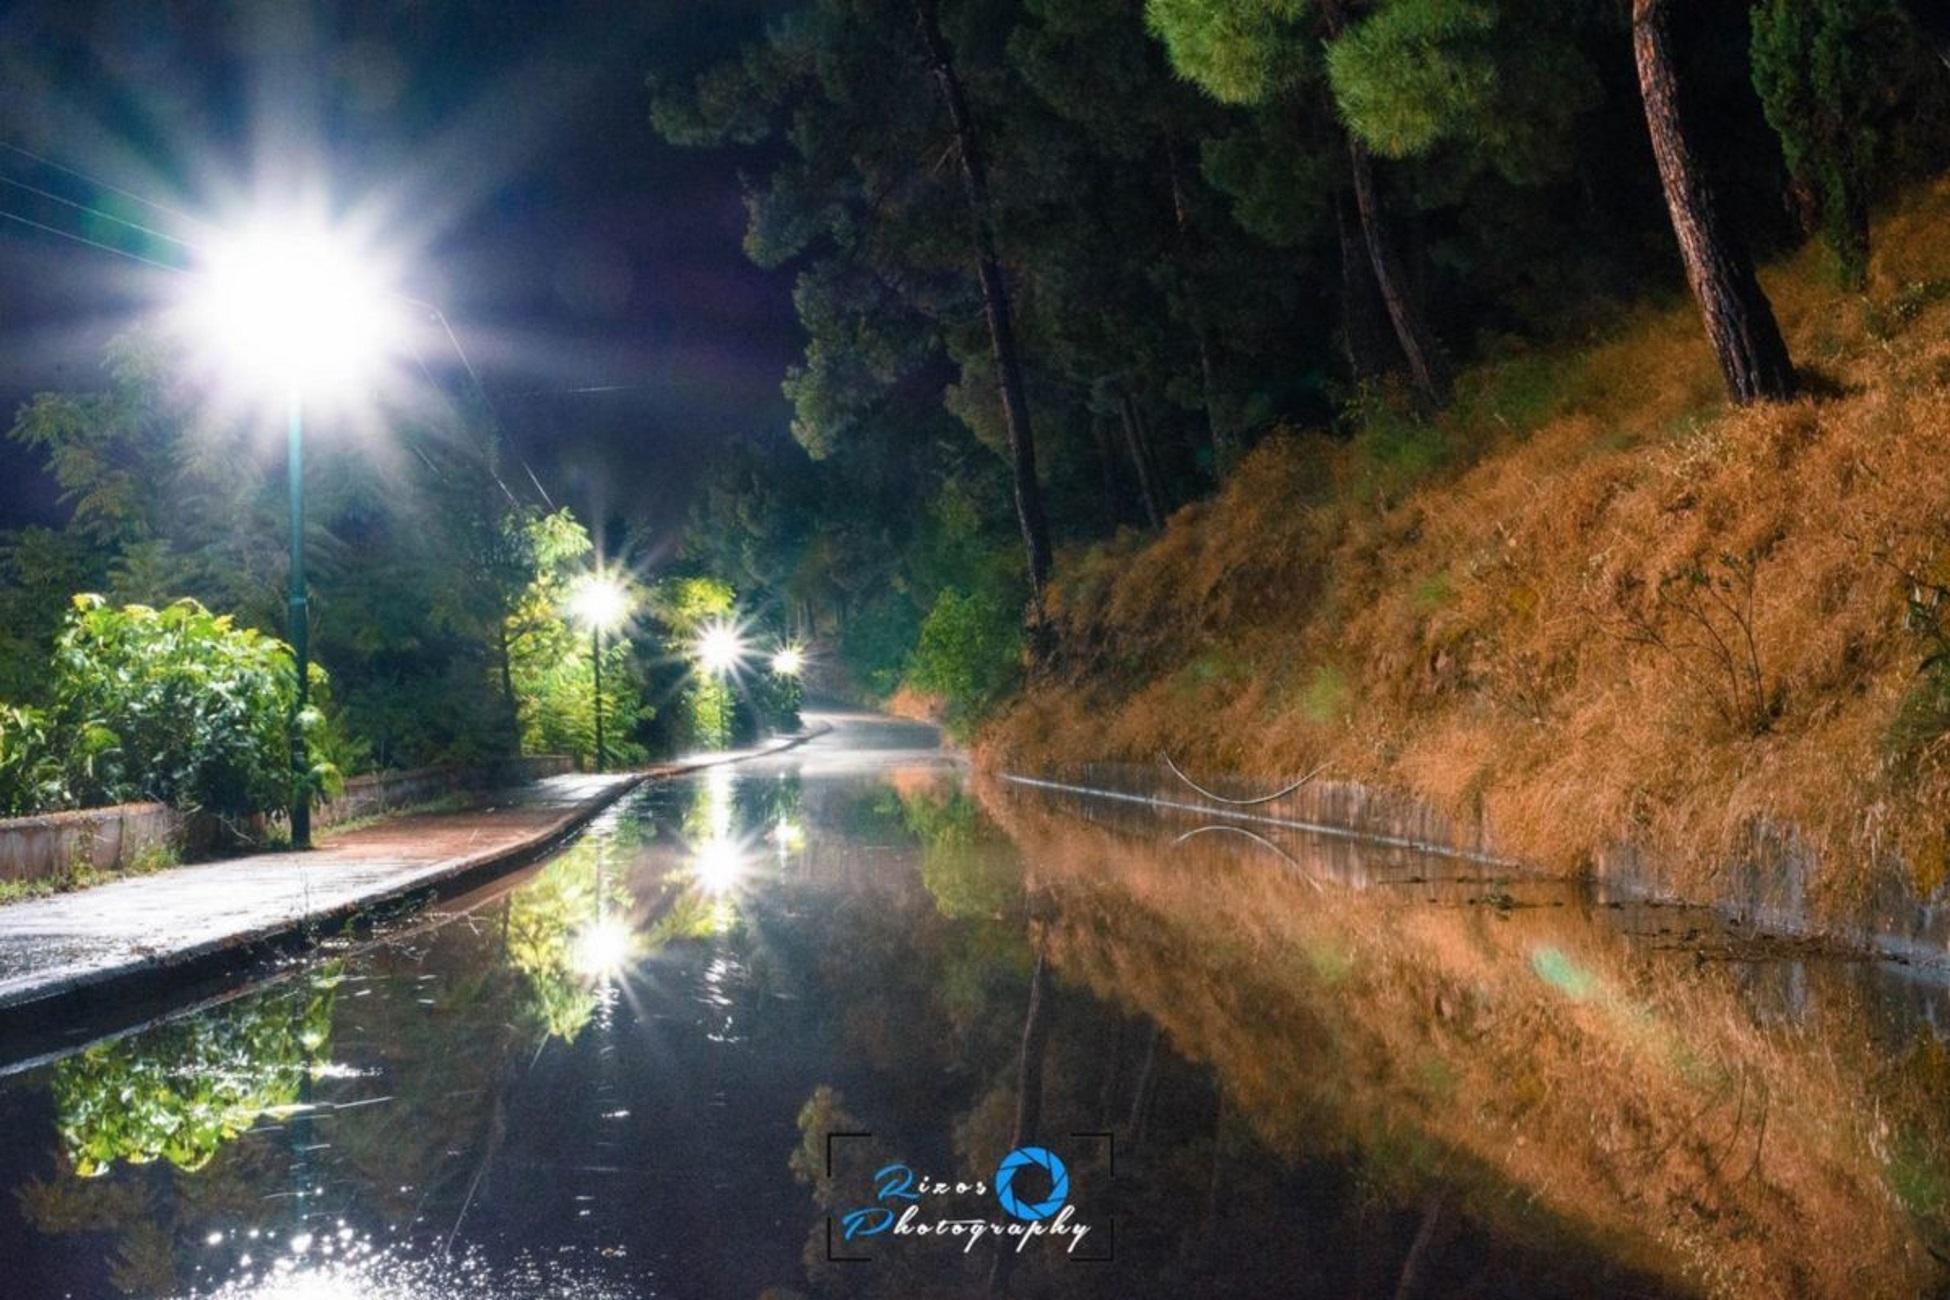 Λάρισα: Εικόνες που θυμίζουν… Ολλανδία στα Φάρσαλα! Το κανάλι που δημιούργησε η βροχή (Φωτό)